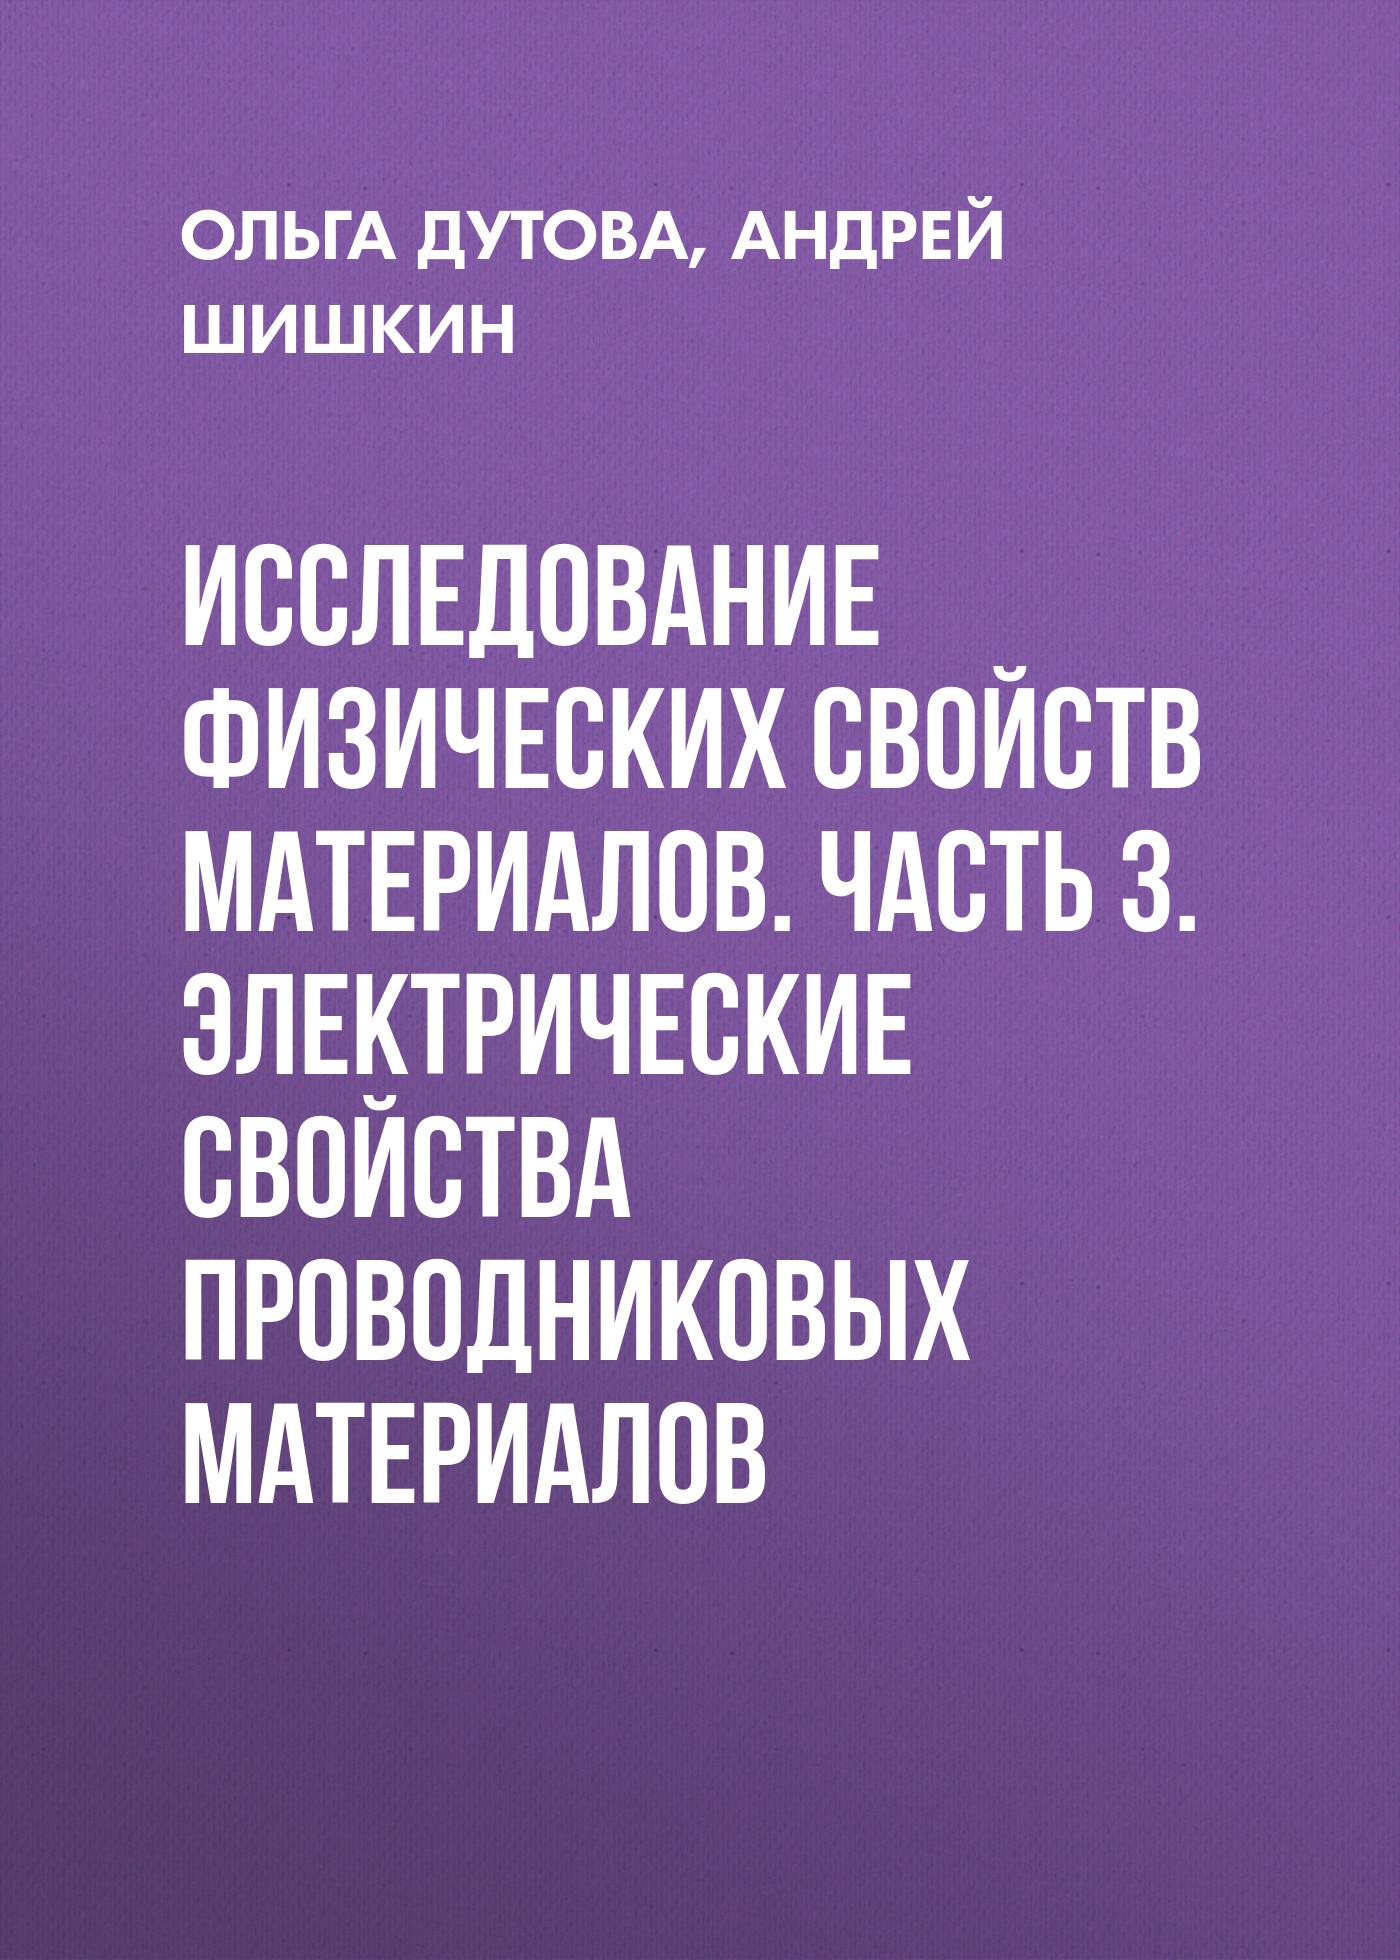 Андрей Шишкин Исследование физических свойств материалов. Часть 3. Электрические свойства проводниковых материалов